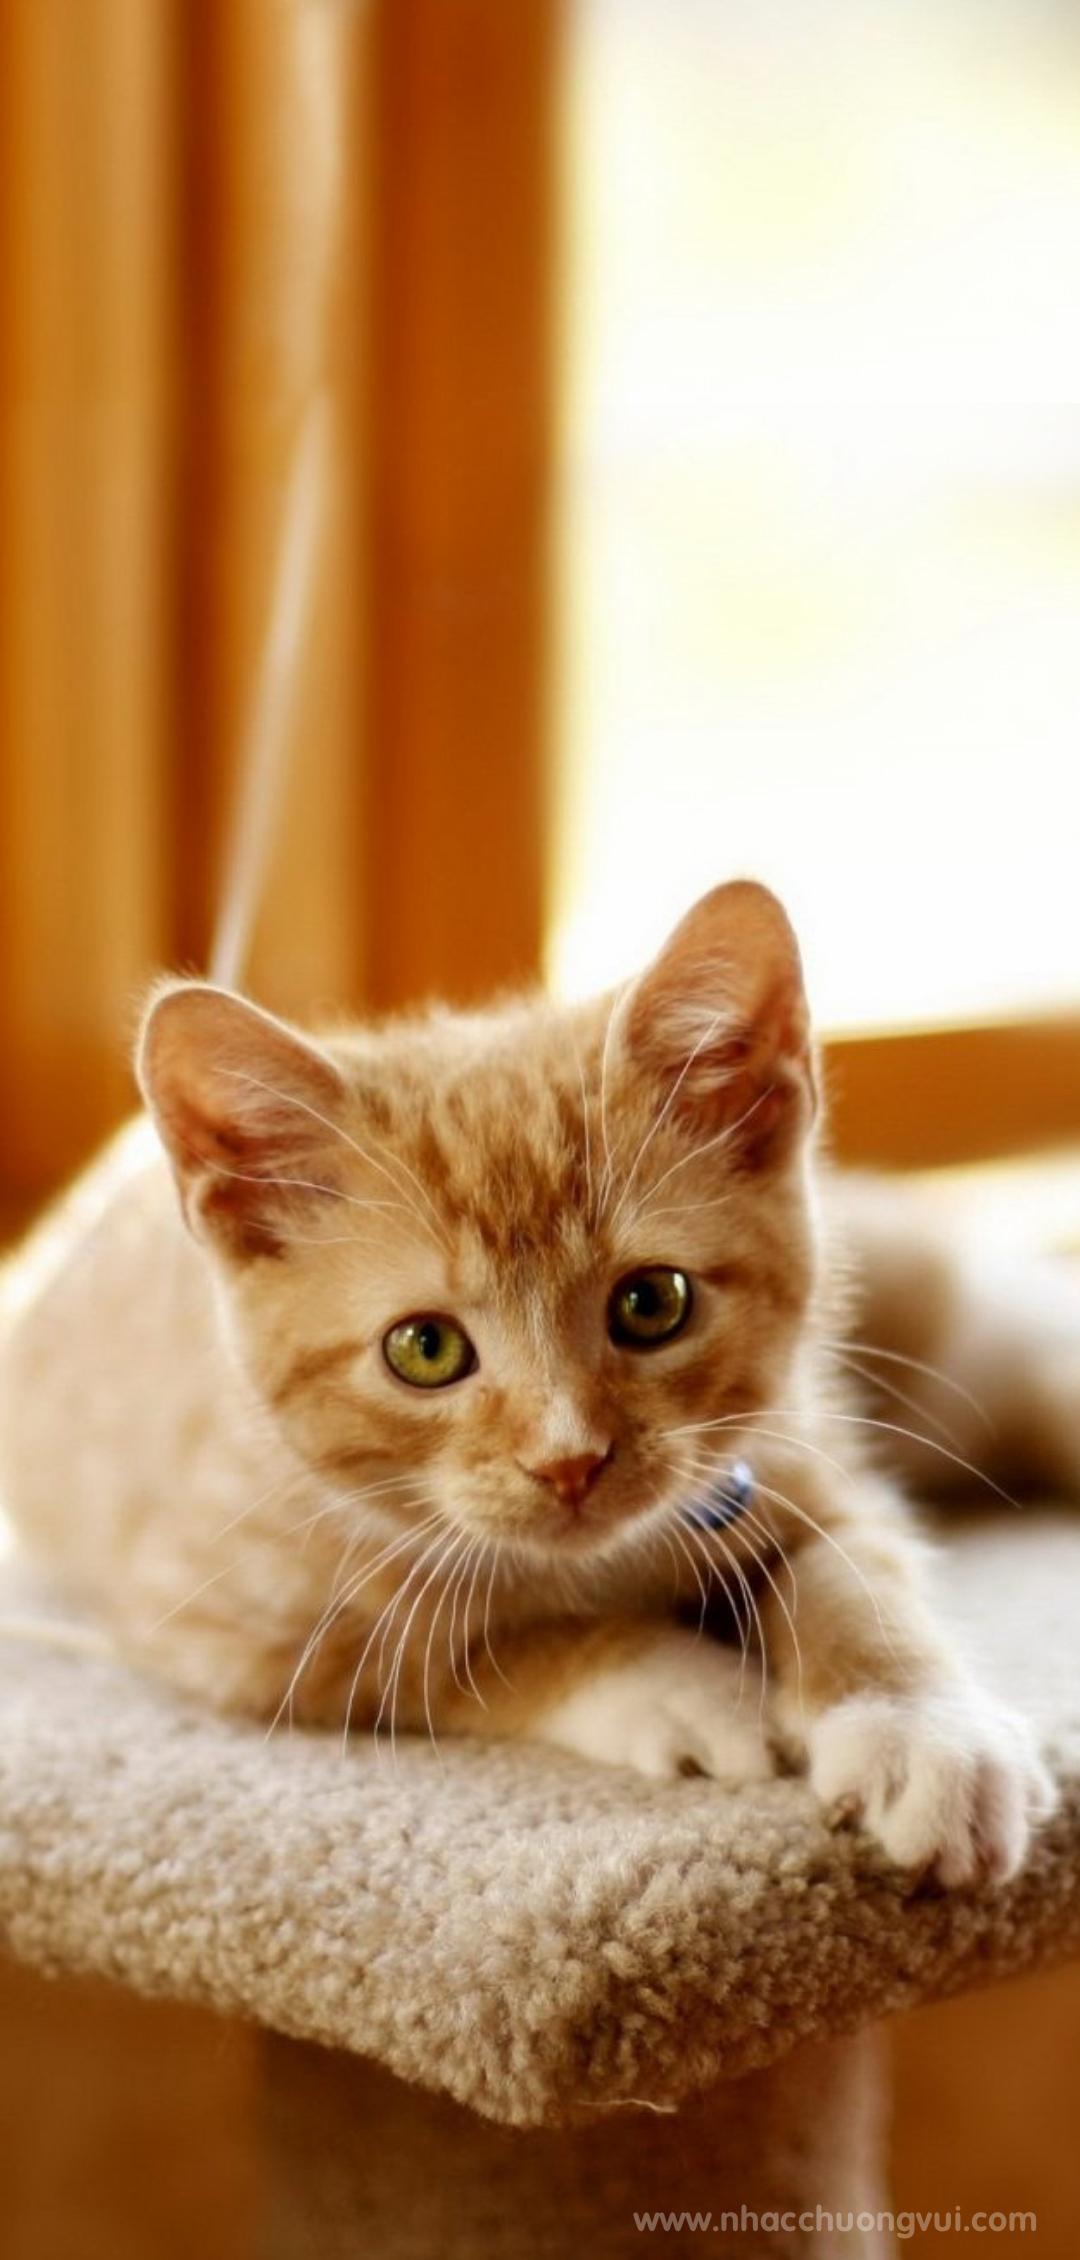 Hình nền mèo ngộ nghĩnh cho điện thoại 26